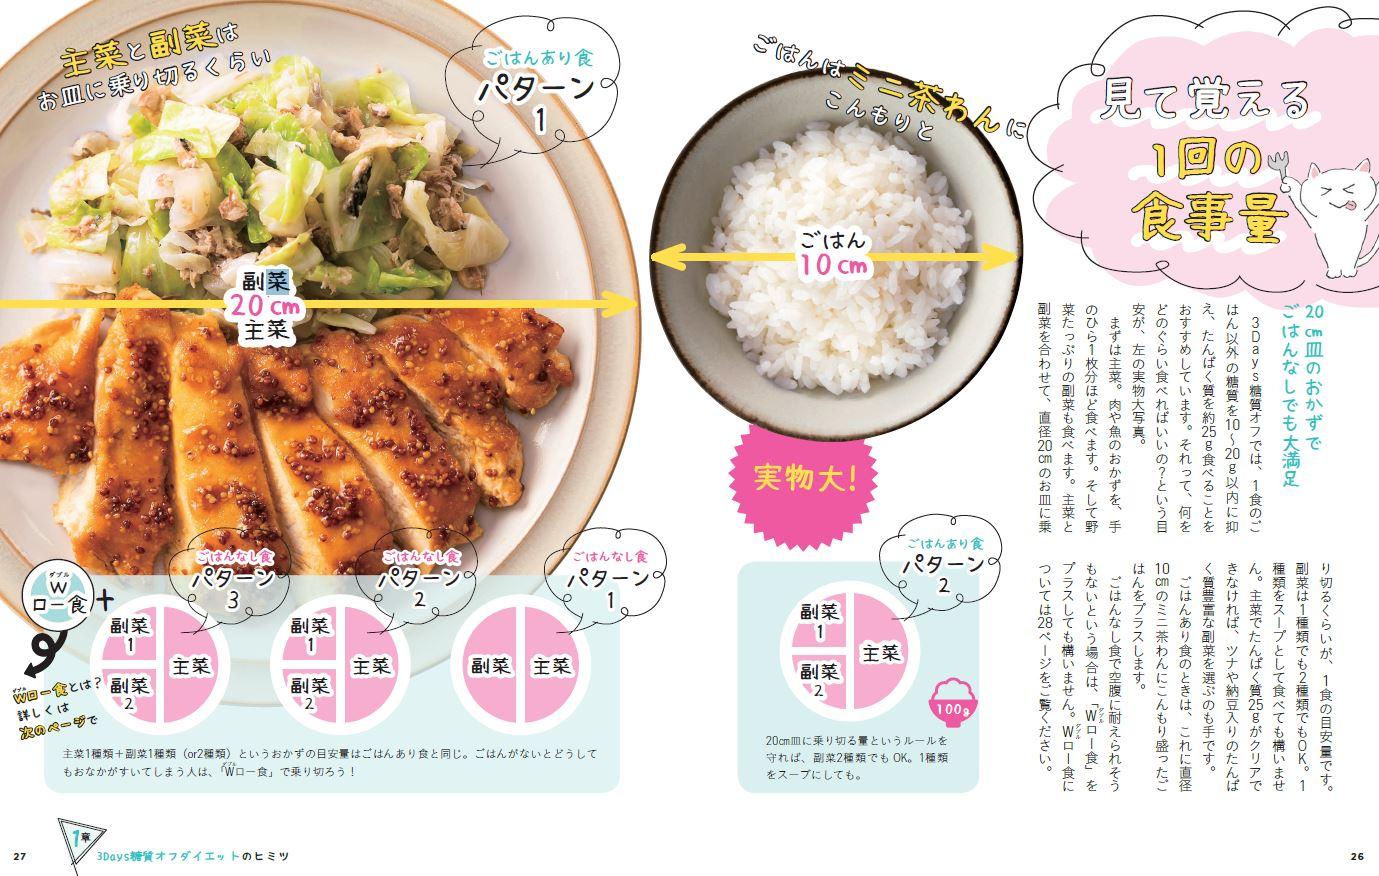 「目安となるのは直径約20cmのプレート。ここに主菜と副菜に分けて乗せれば、それが 1食分。ごはんなら約10cmのお茶碗に大盛り」紙面